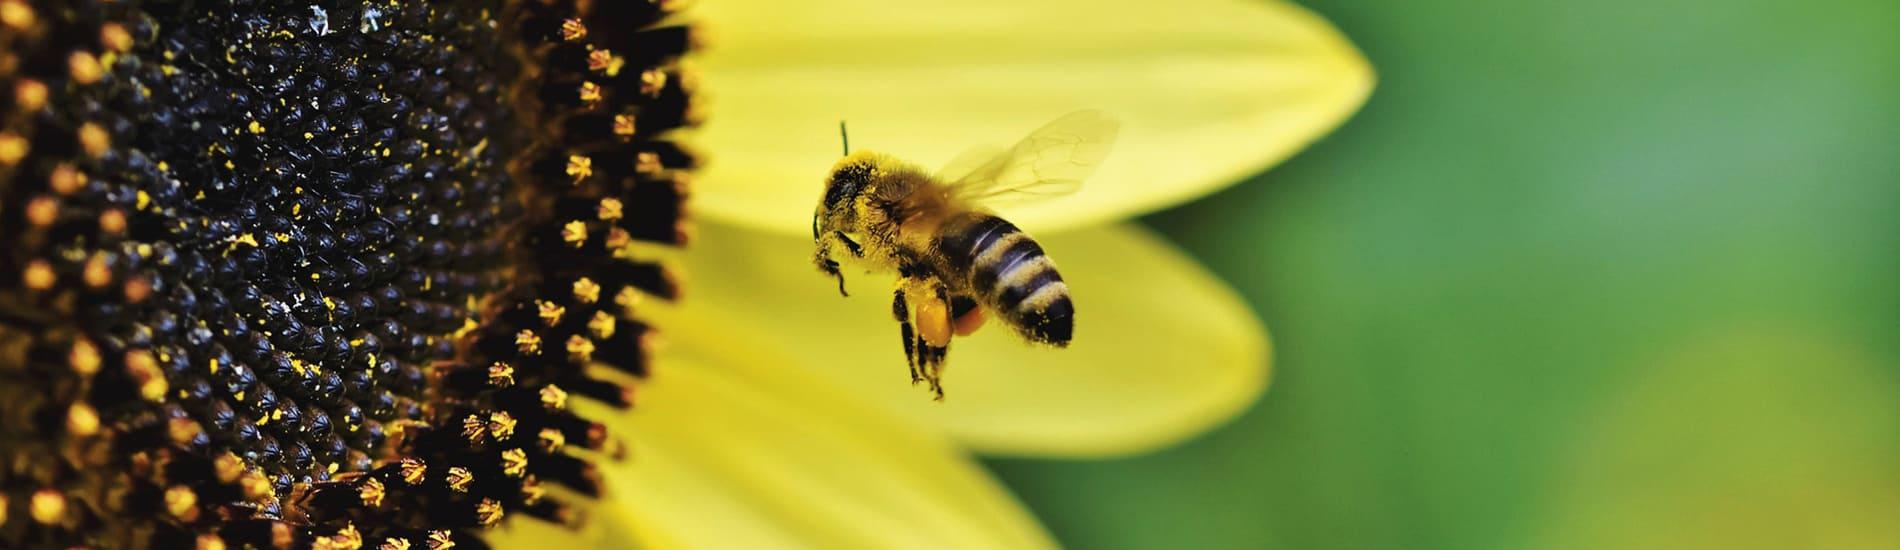 Ποιο αλλεργιογόνο με ταλαιπωρεί;